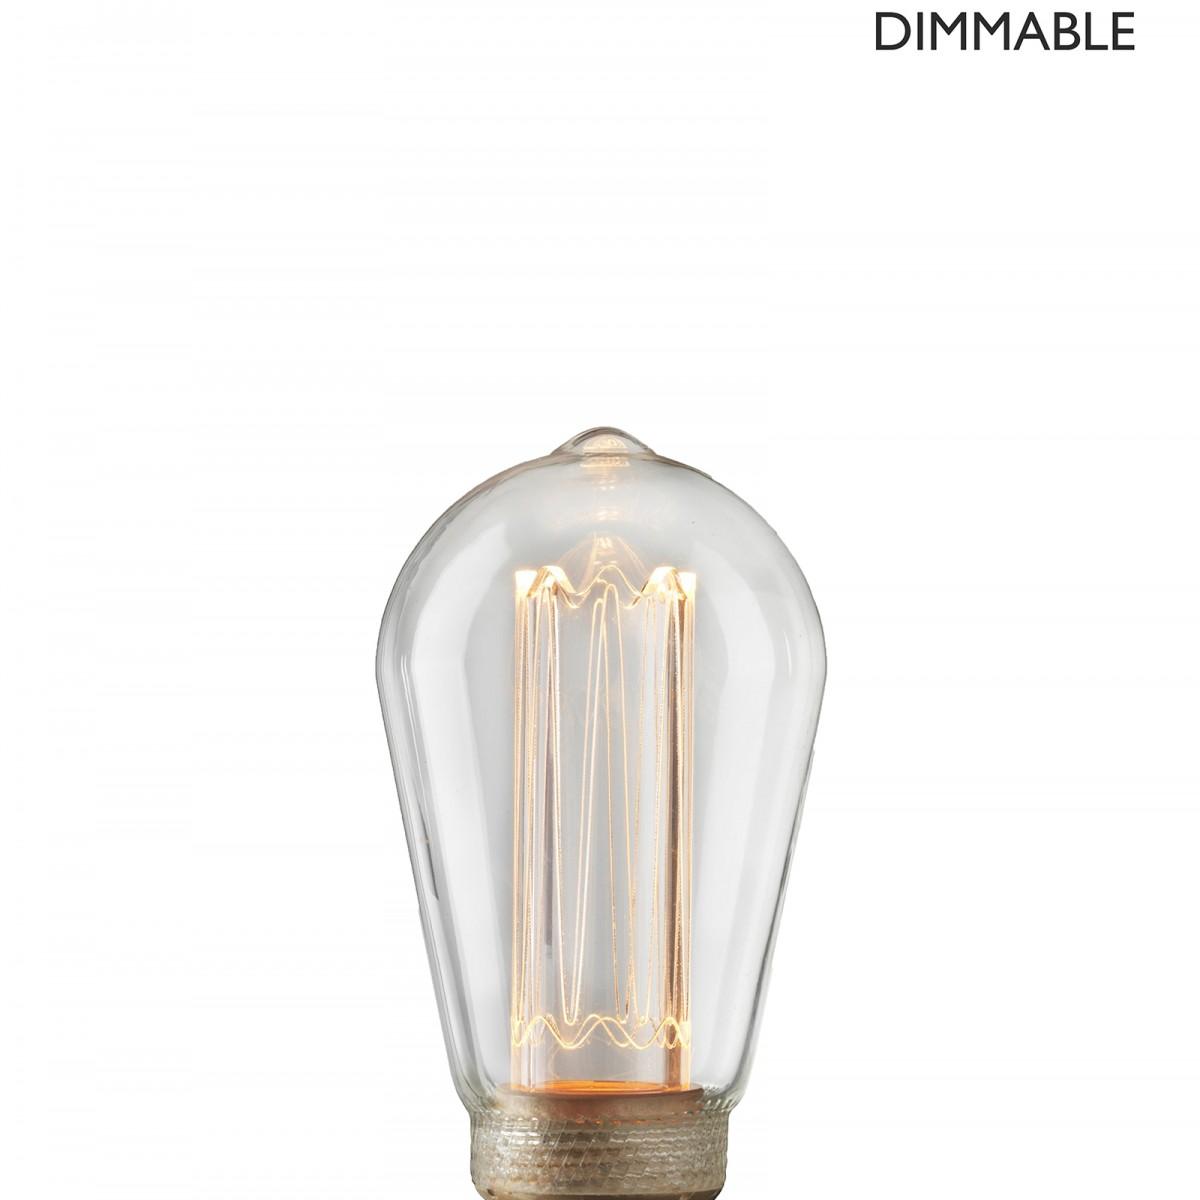 Bec Laser LED filament  dimabil L212, E27, 6.4cm, lumină caldă